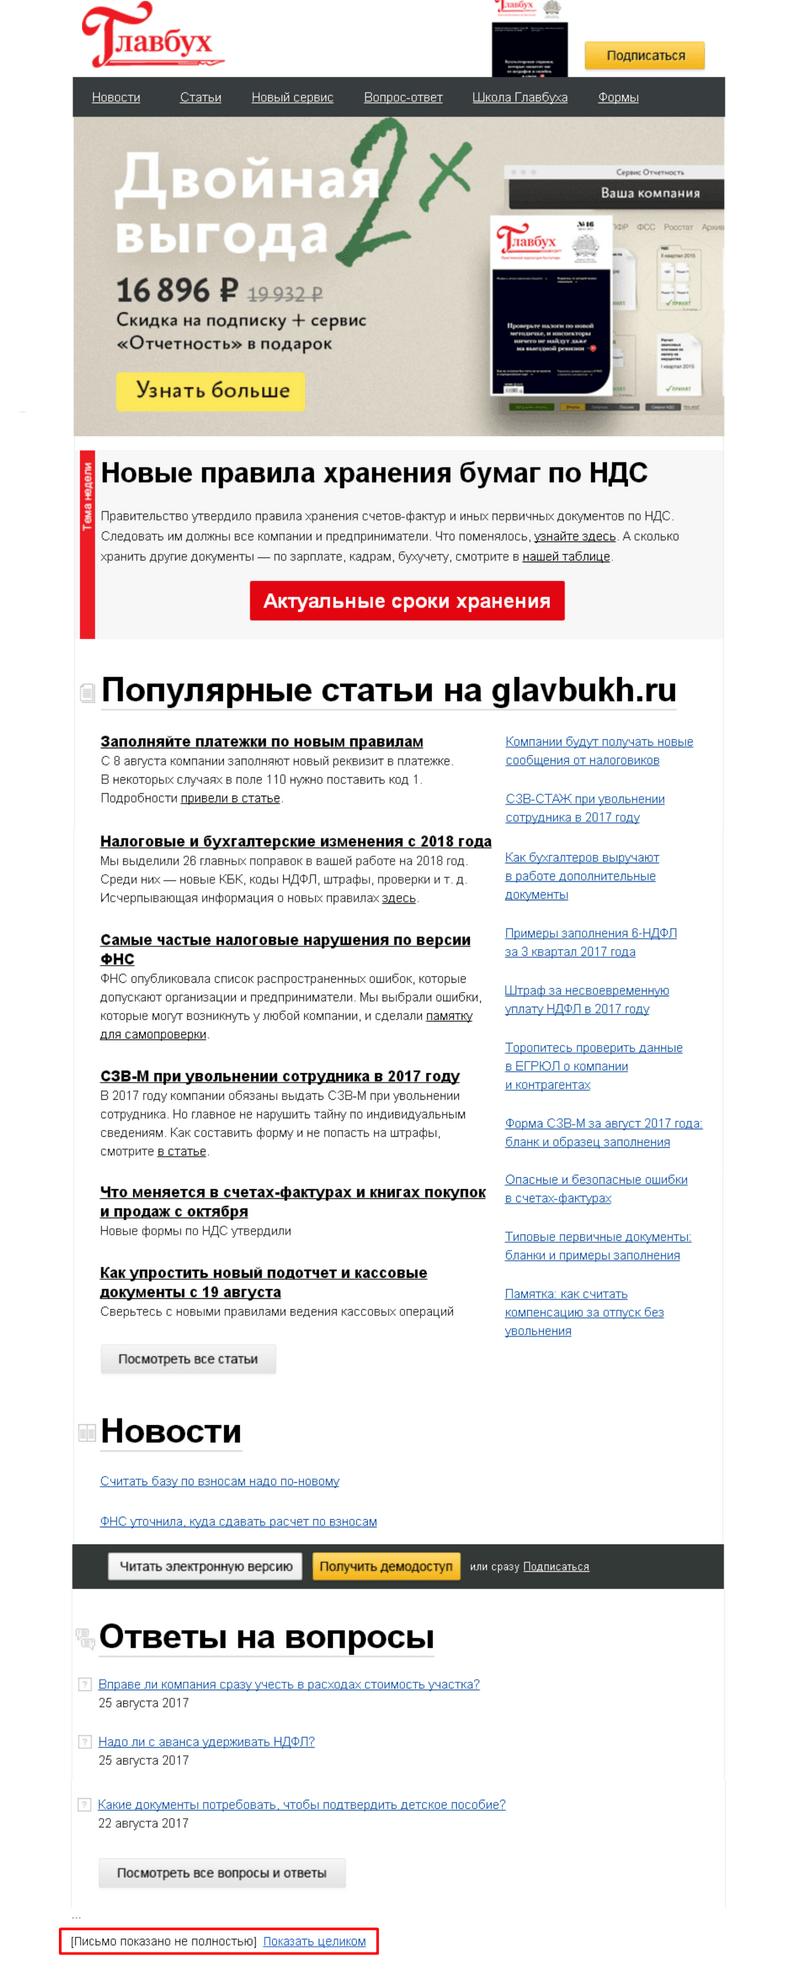 """Рассылка журнала """"Главбух"""""""